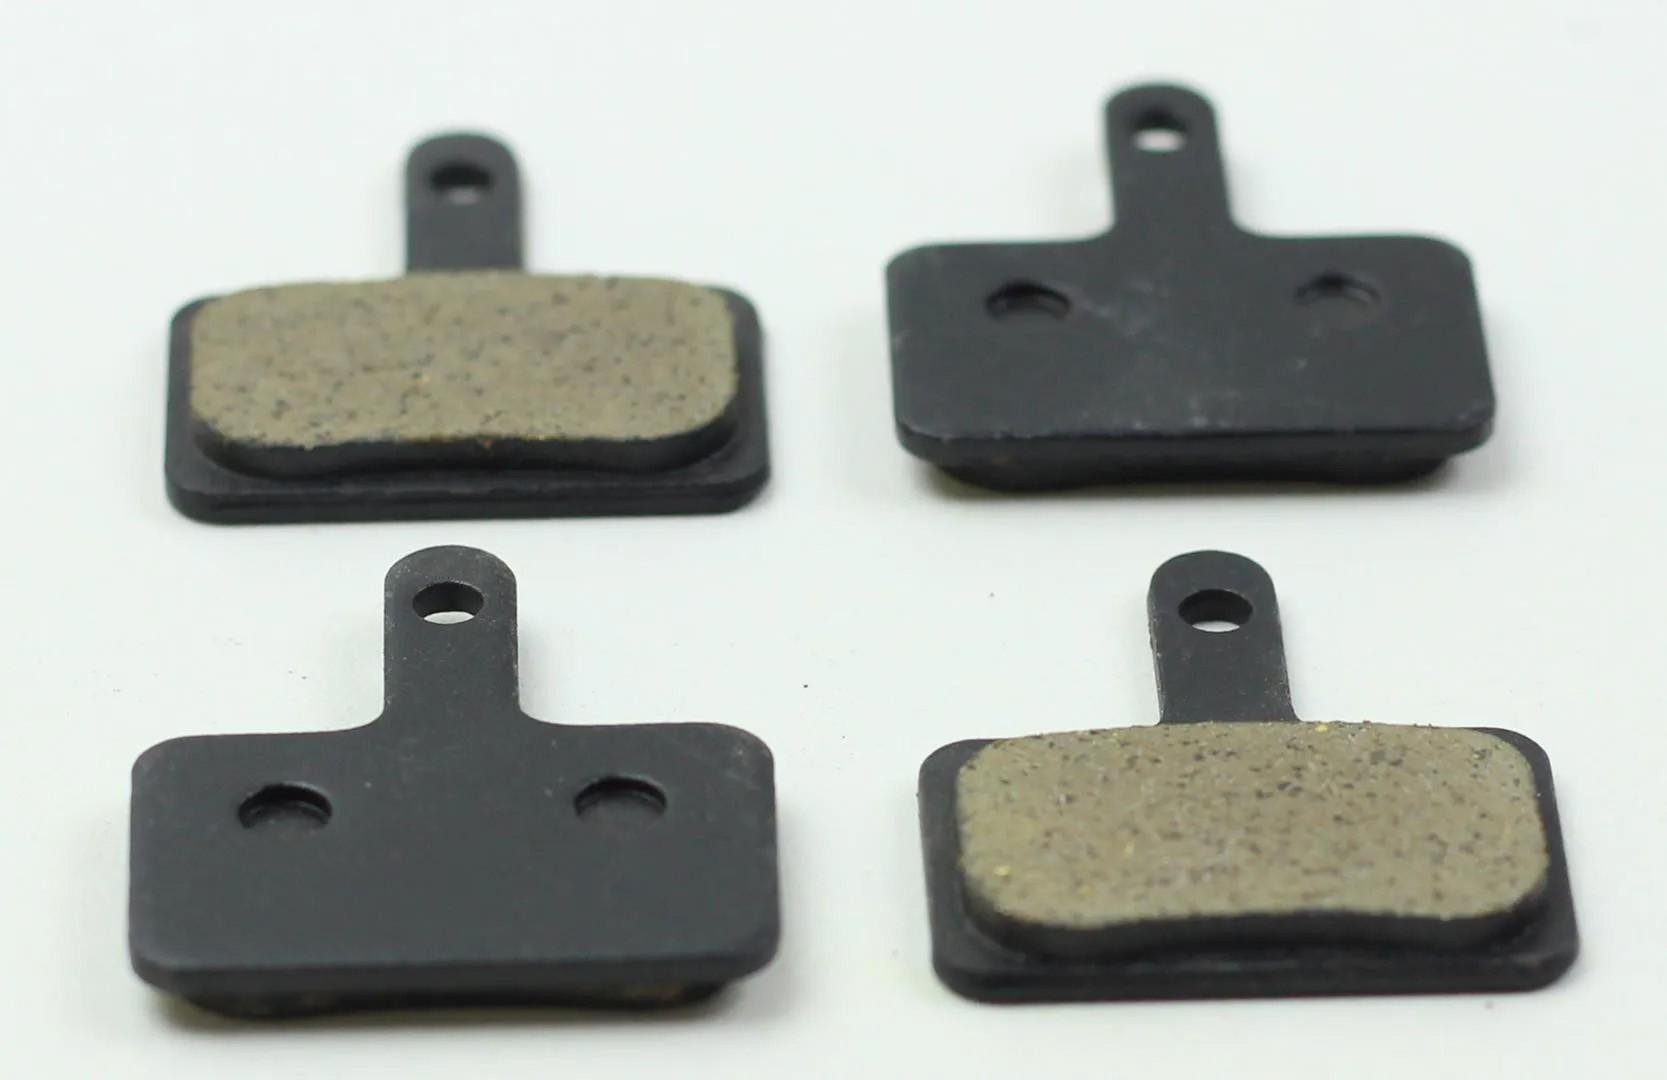 10x Pastilhas De Freio Disco Orgânica GTS para Shimano M575 M495 M486 M485 M445 M315 MT200